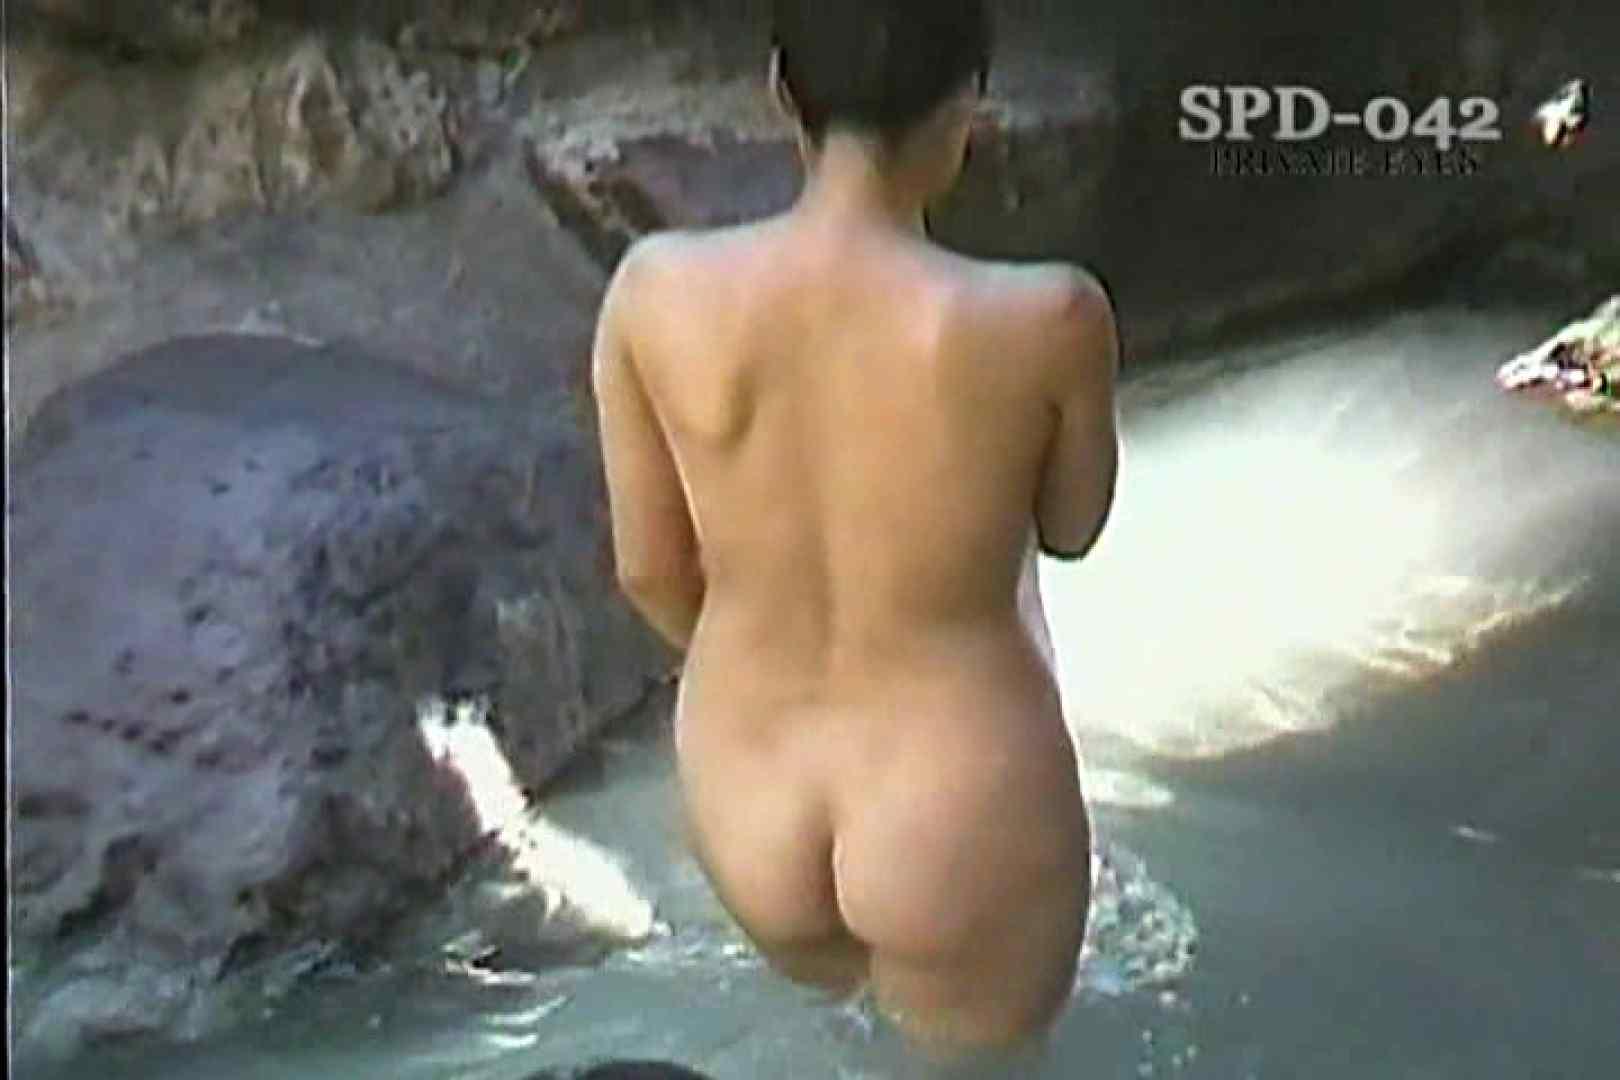 高画質版!SPD-042 新・潜入露天(七番湯) 名作 ワレメ無修正動画無料 112枚